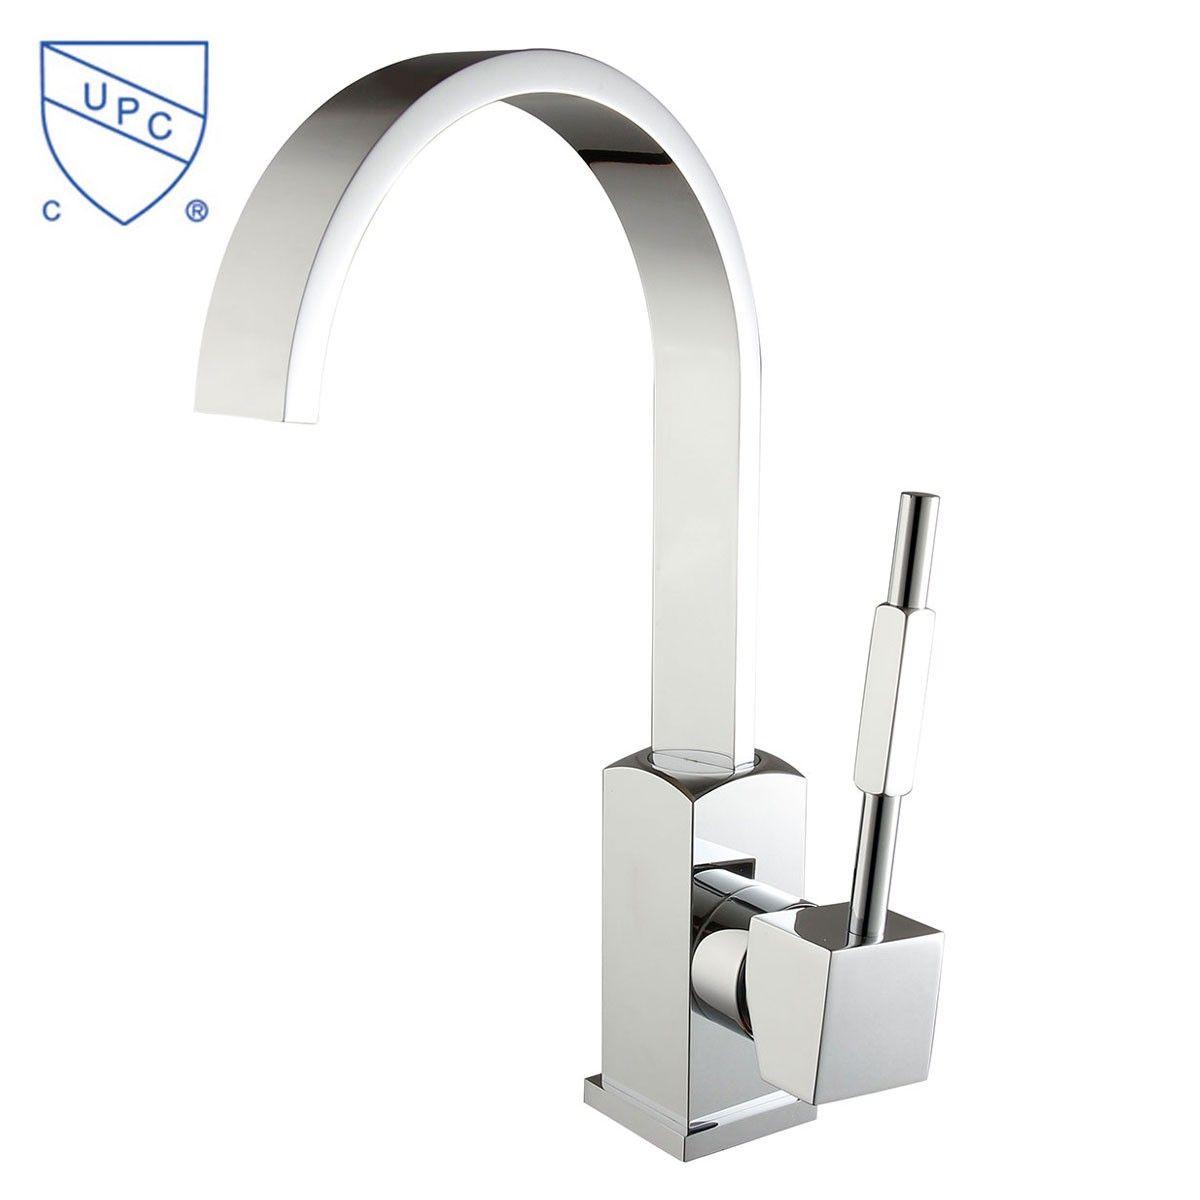 Robinet de Lavabo&Vasque - Simple Trou Simple Levier - Laiton Fini Chrome (6211)